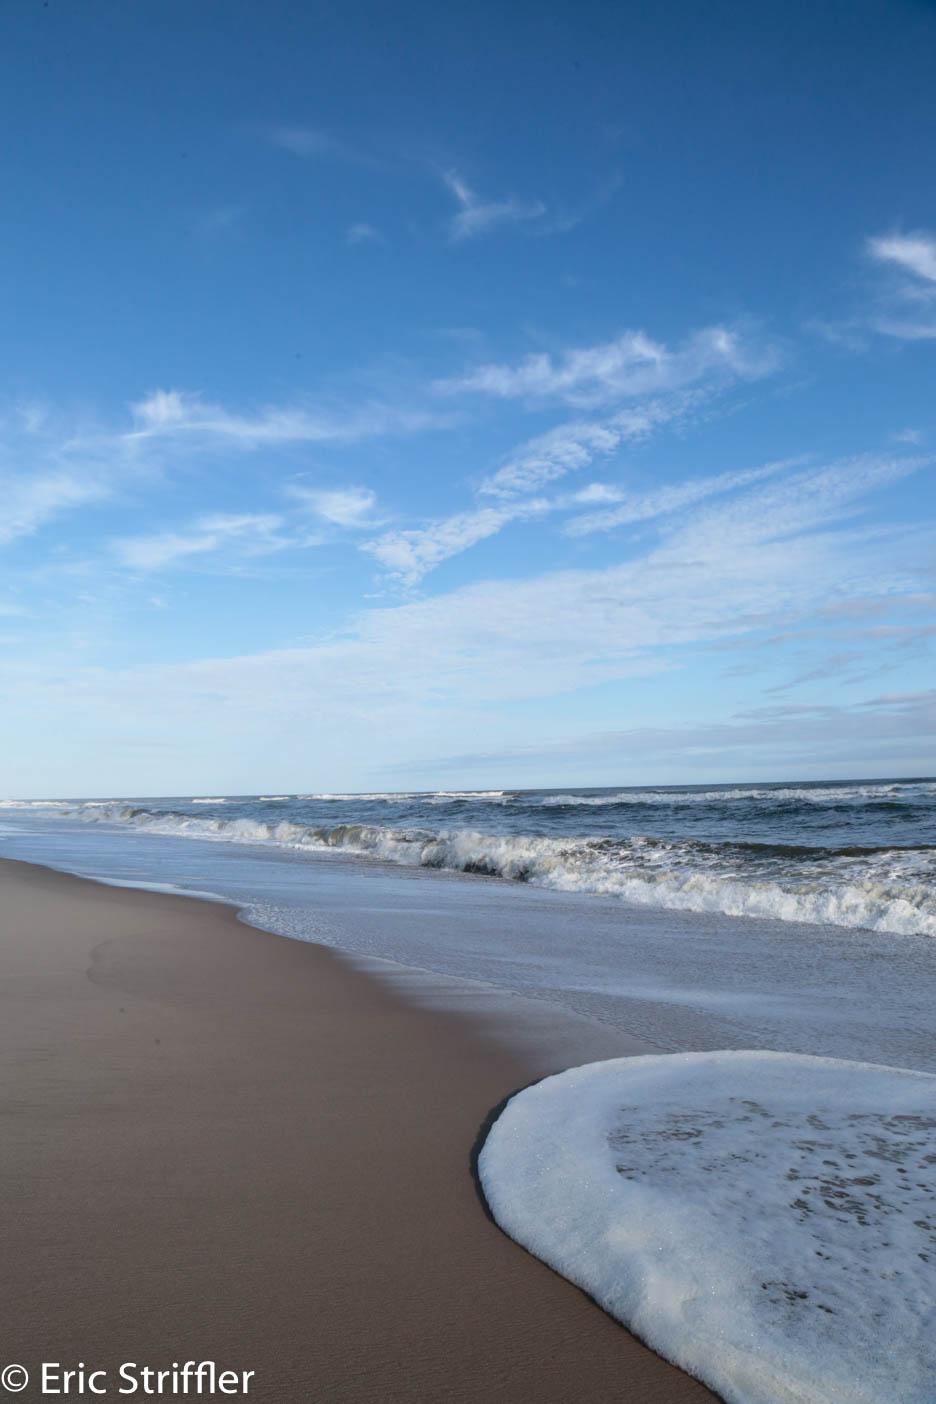 ocean_waves9-27-18-8679.jpg